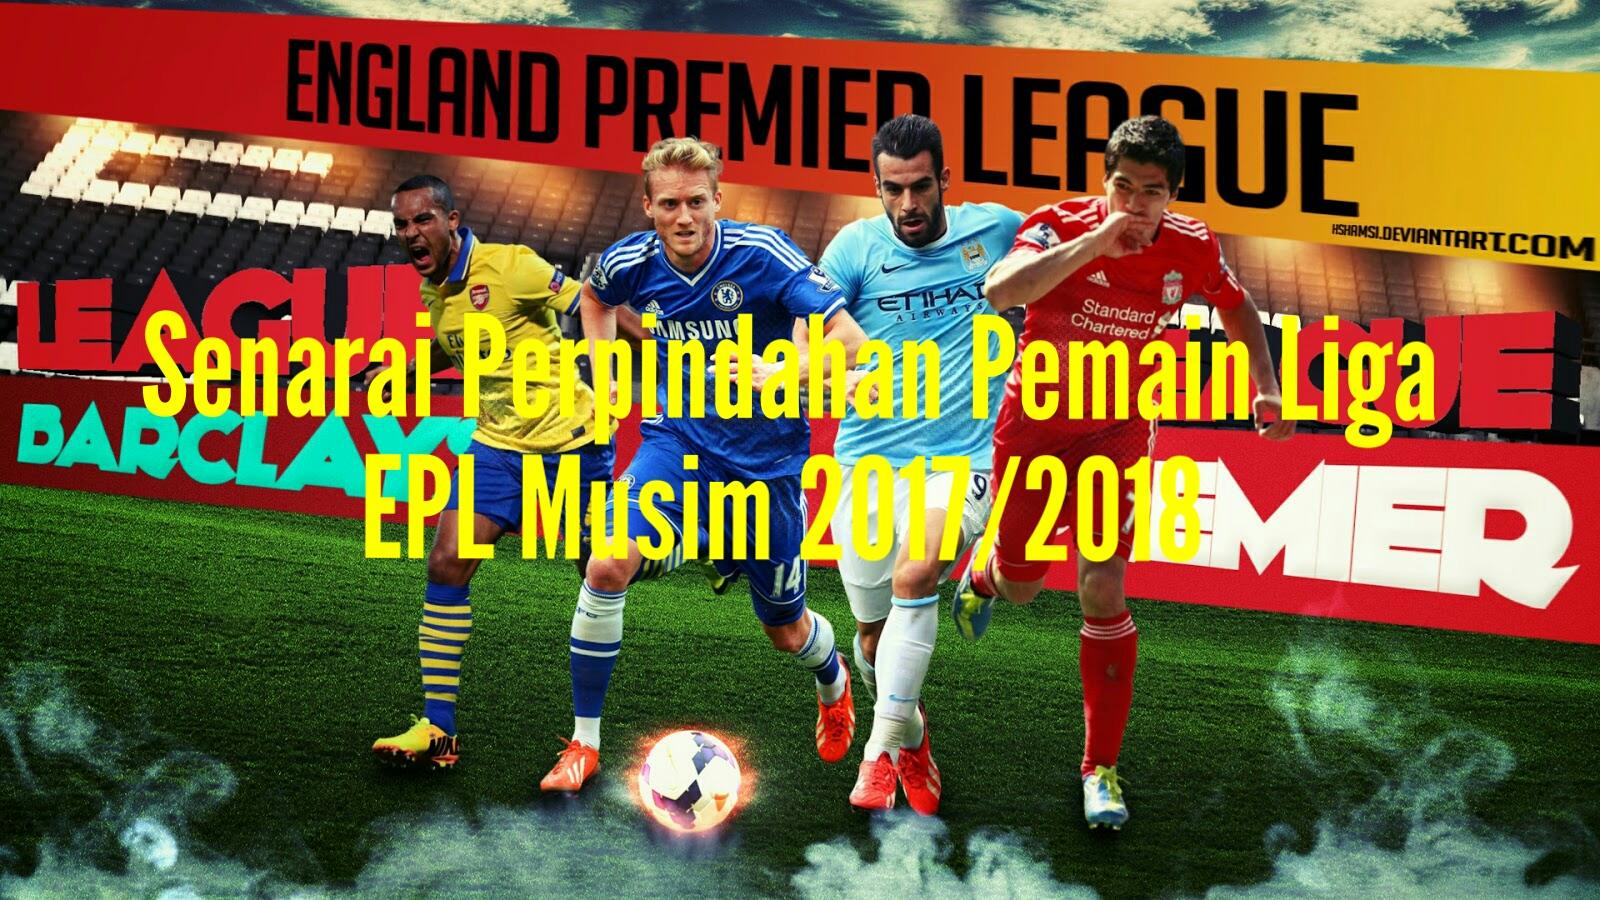 055e942341a Senarai Perpindahan Pemain Liga EPL Musim 2019/2020 - MY INFO SUKAN